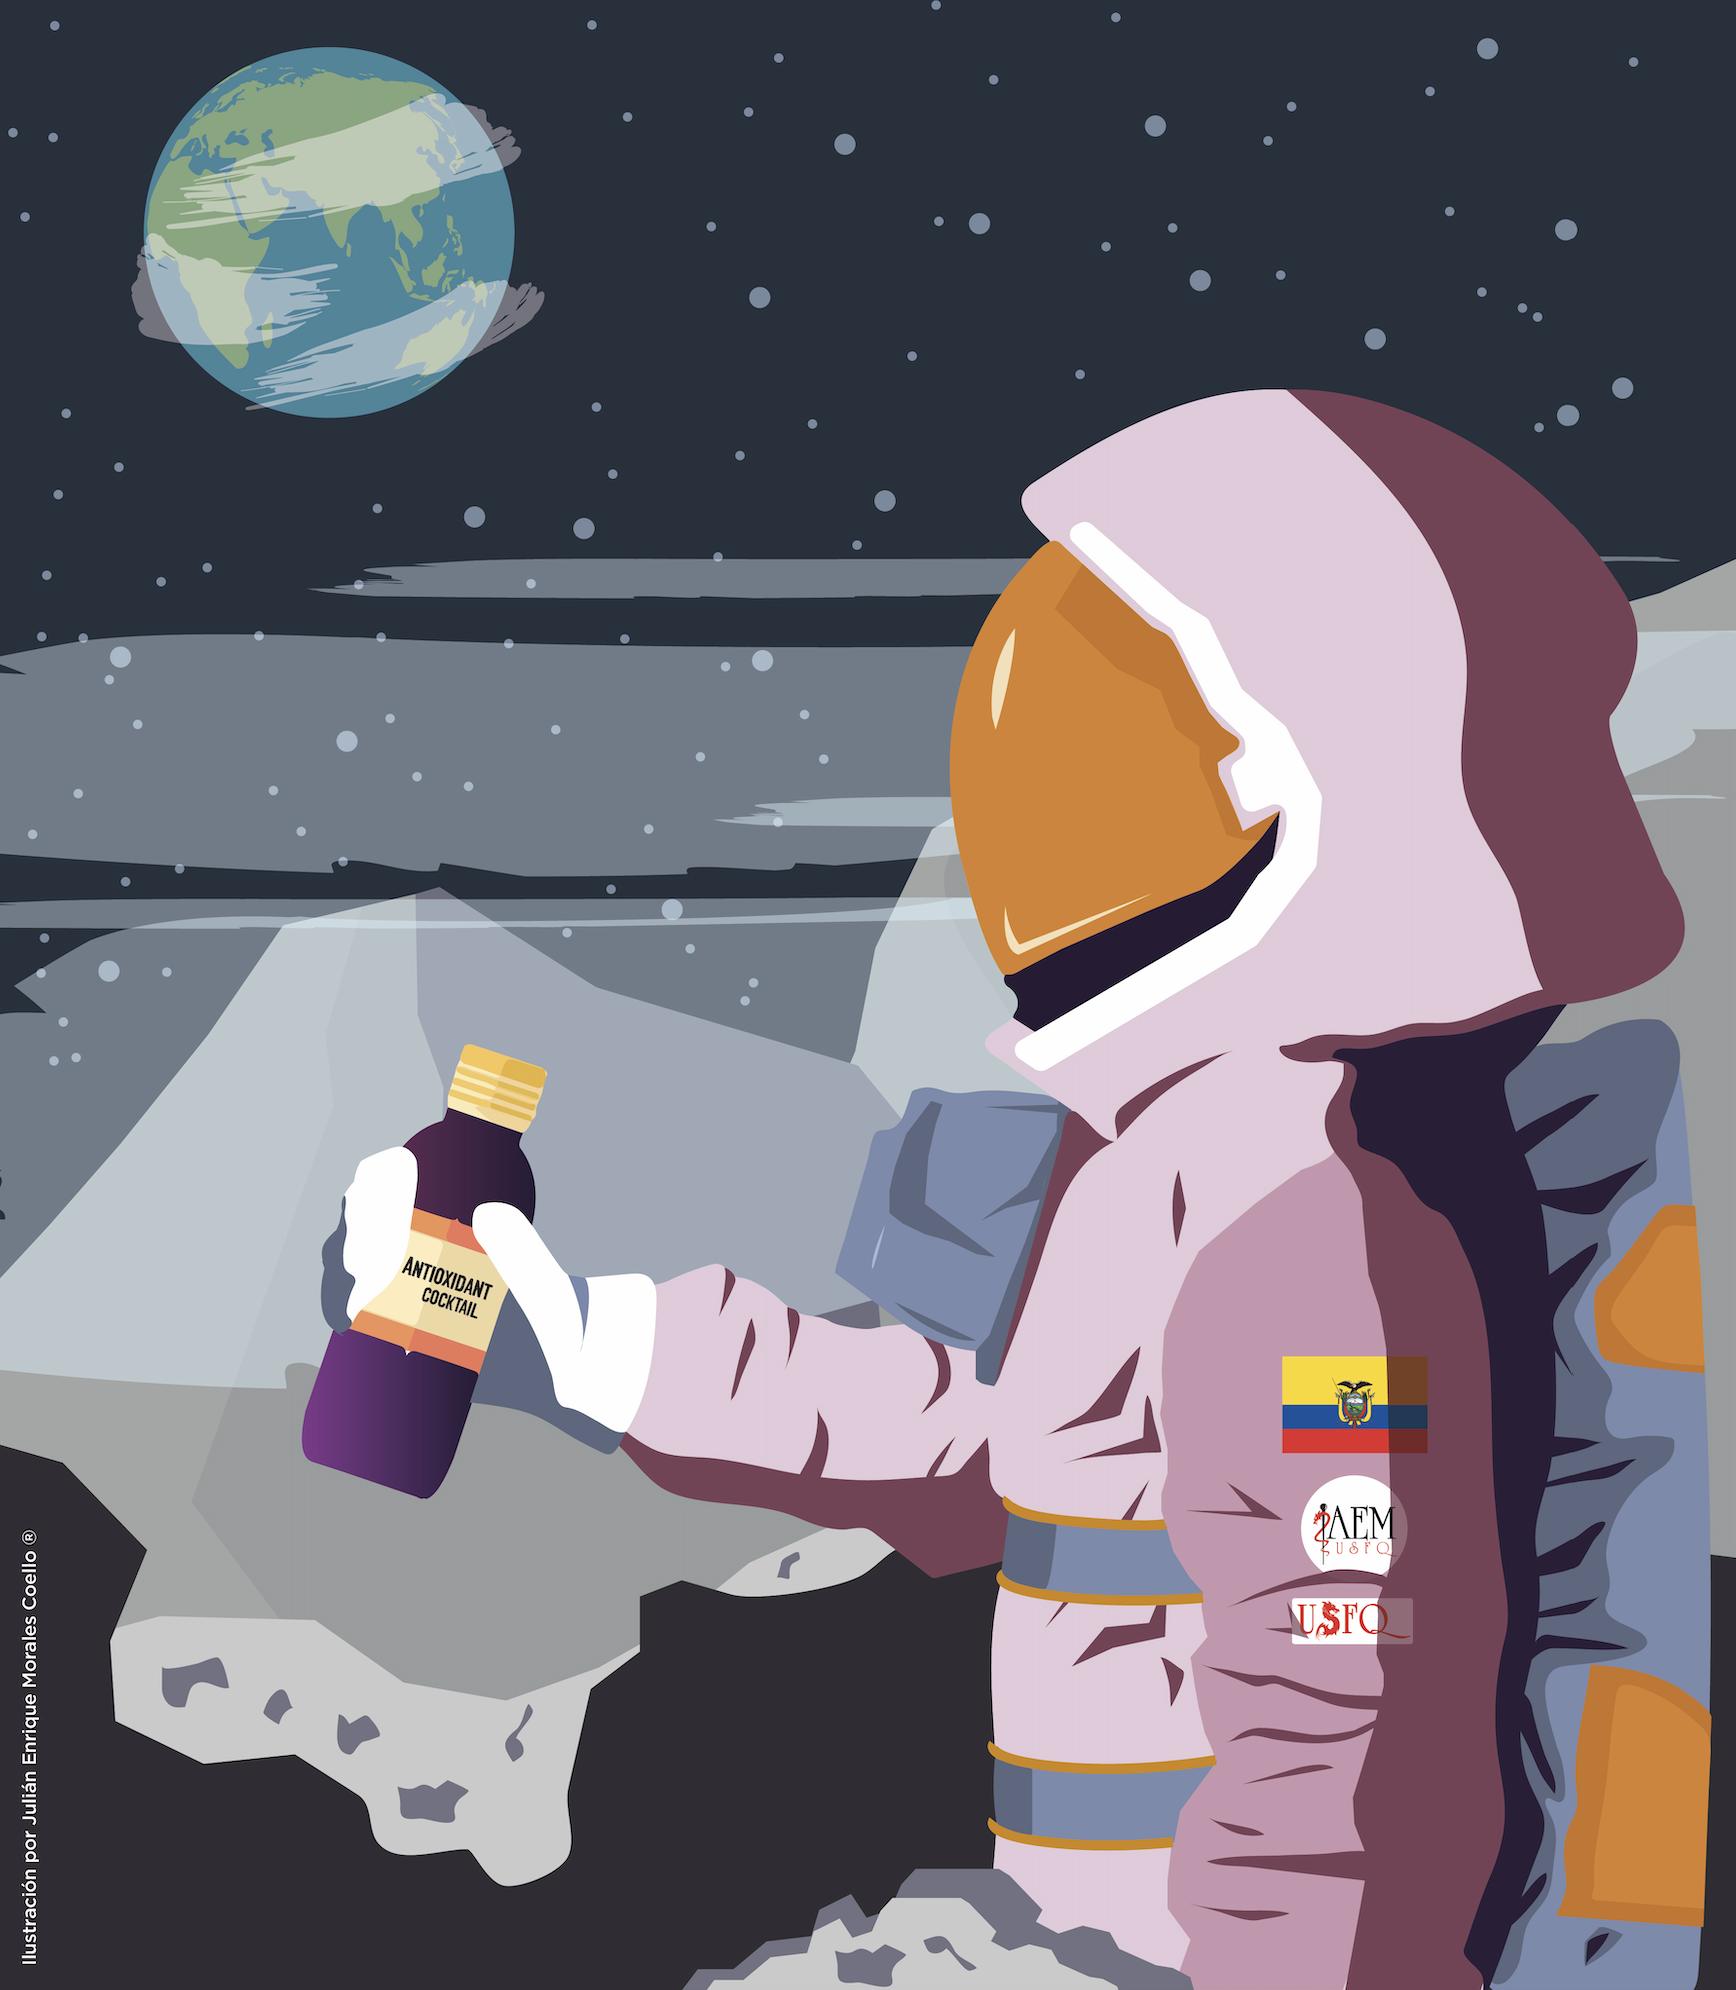 ¿Qué tan posible es que la Humanidad llegue a ser una especie multiplanetaria y qué se necesita para ello?